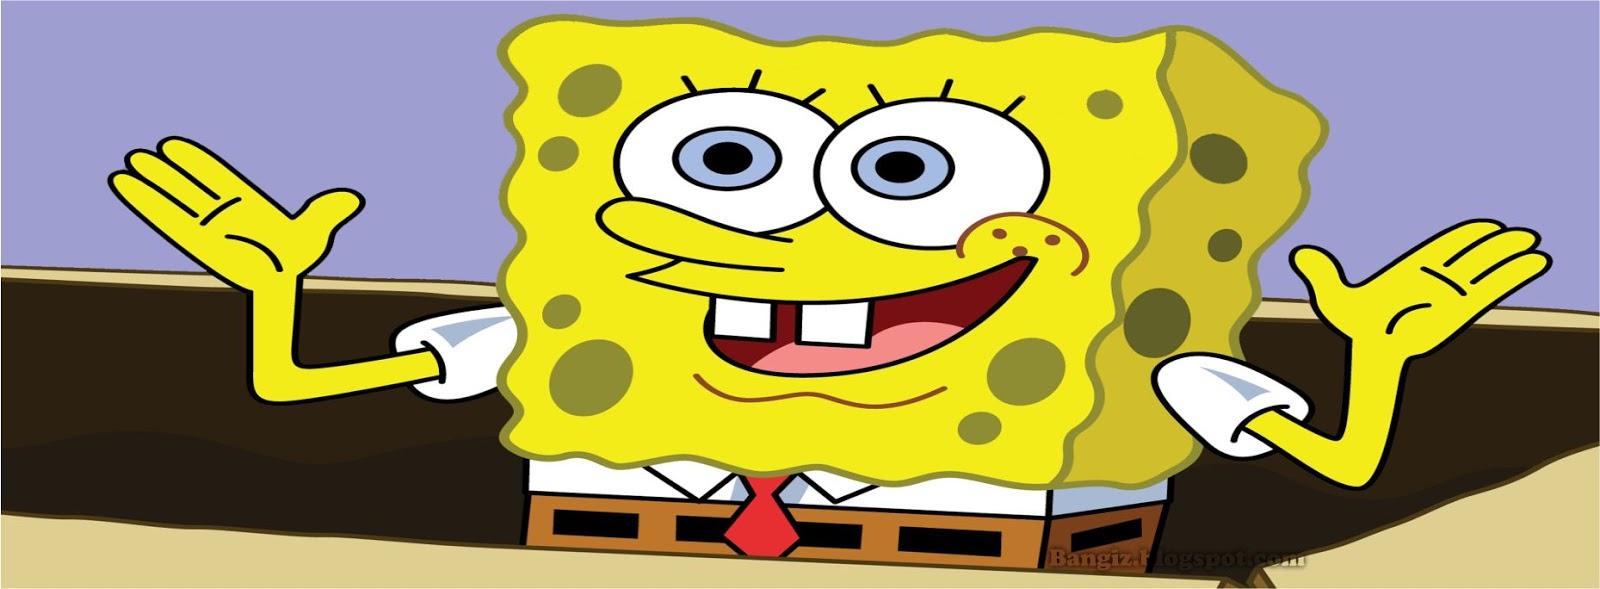 25 Foto Sampul Spongebob